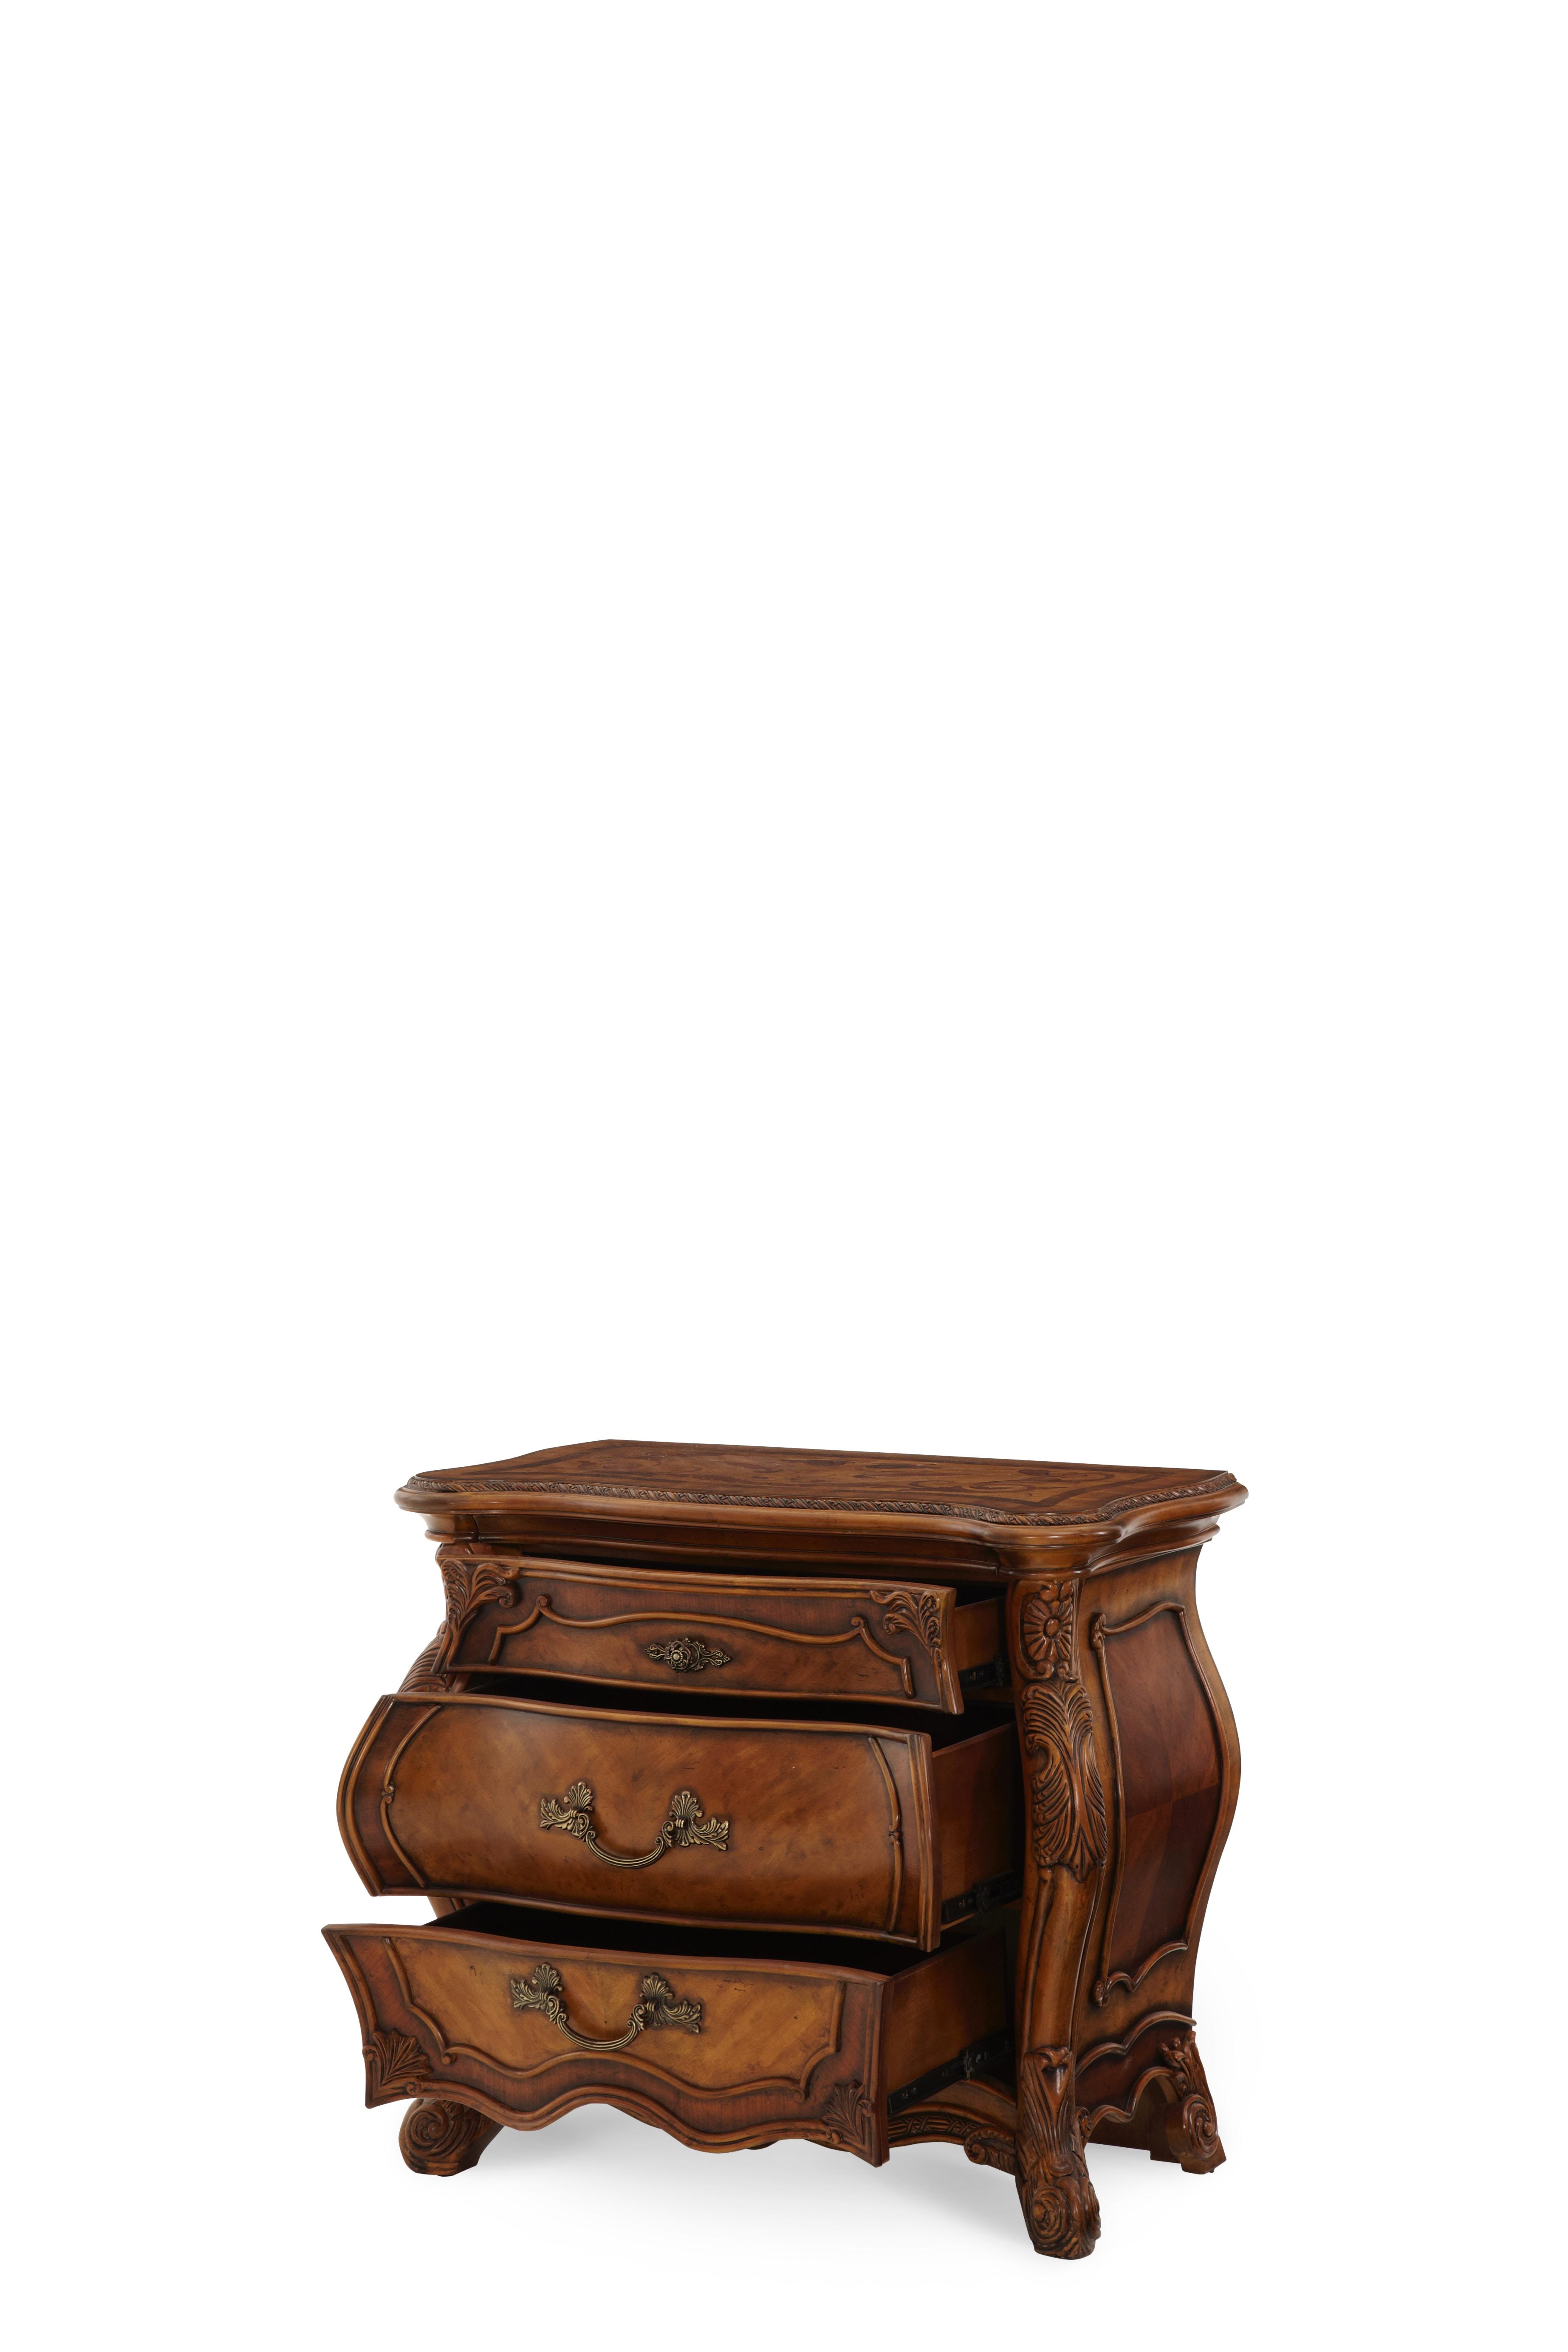 Aico Furniture Palais Royale Nightstand Rococo Cognac 71040 35